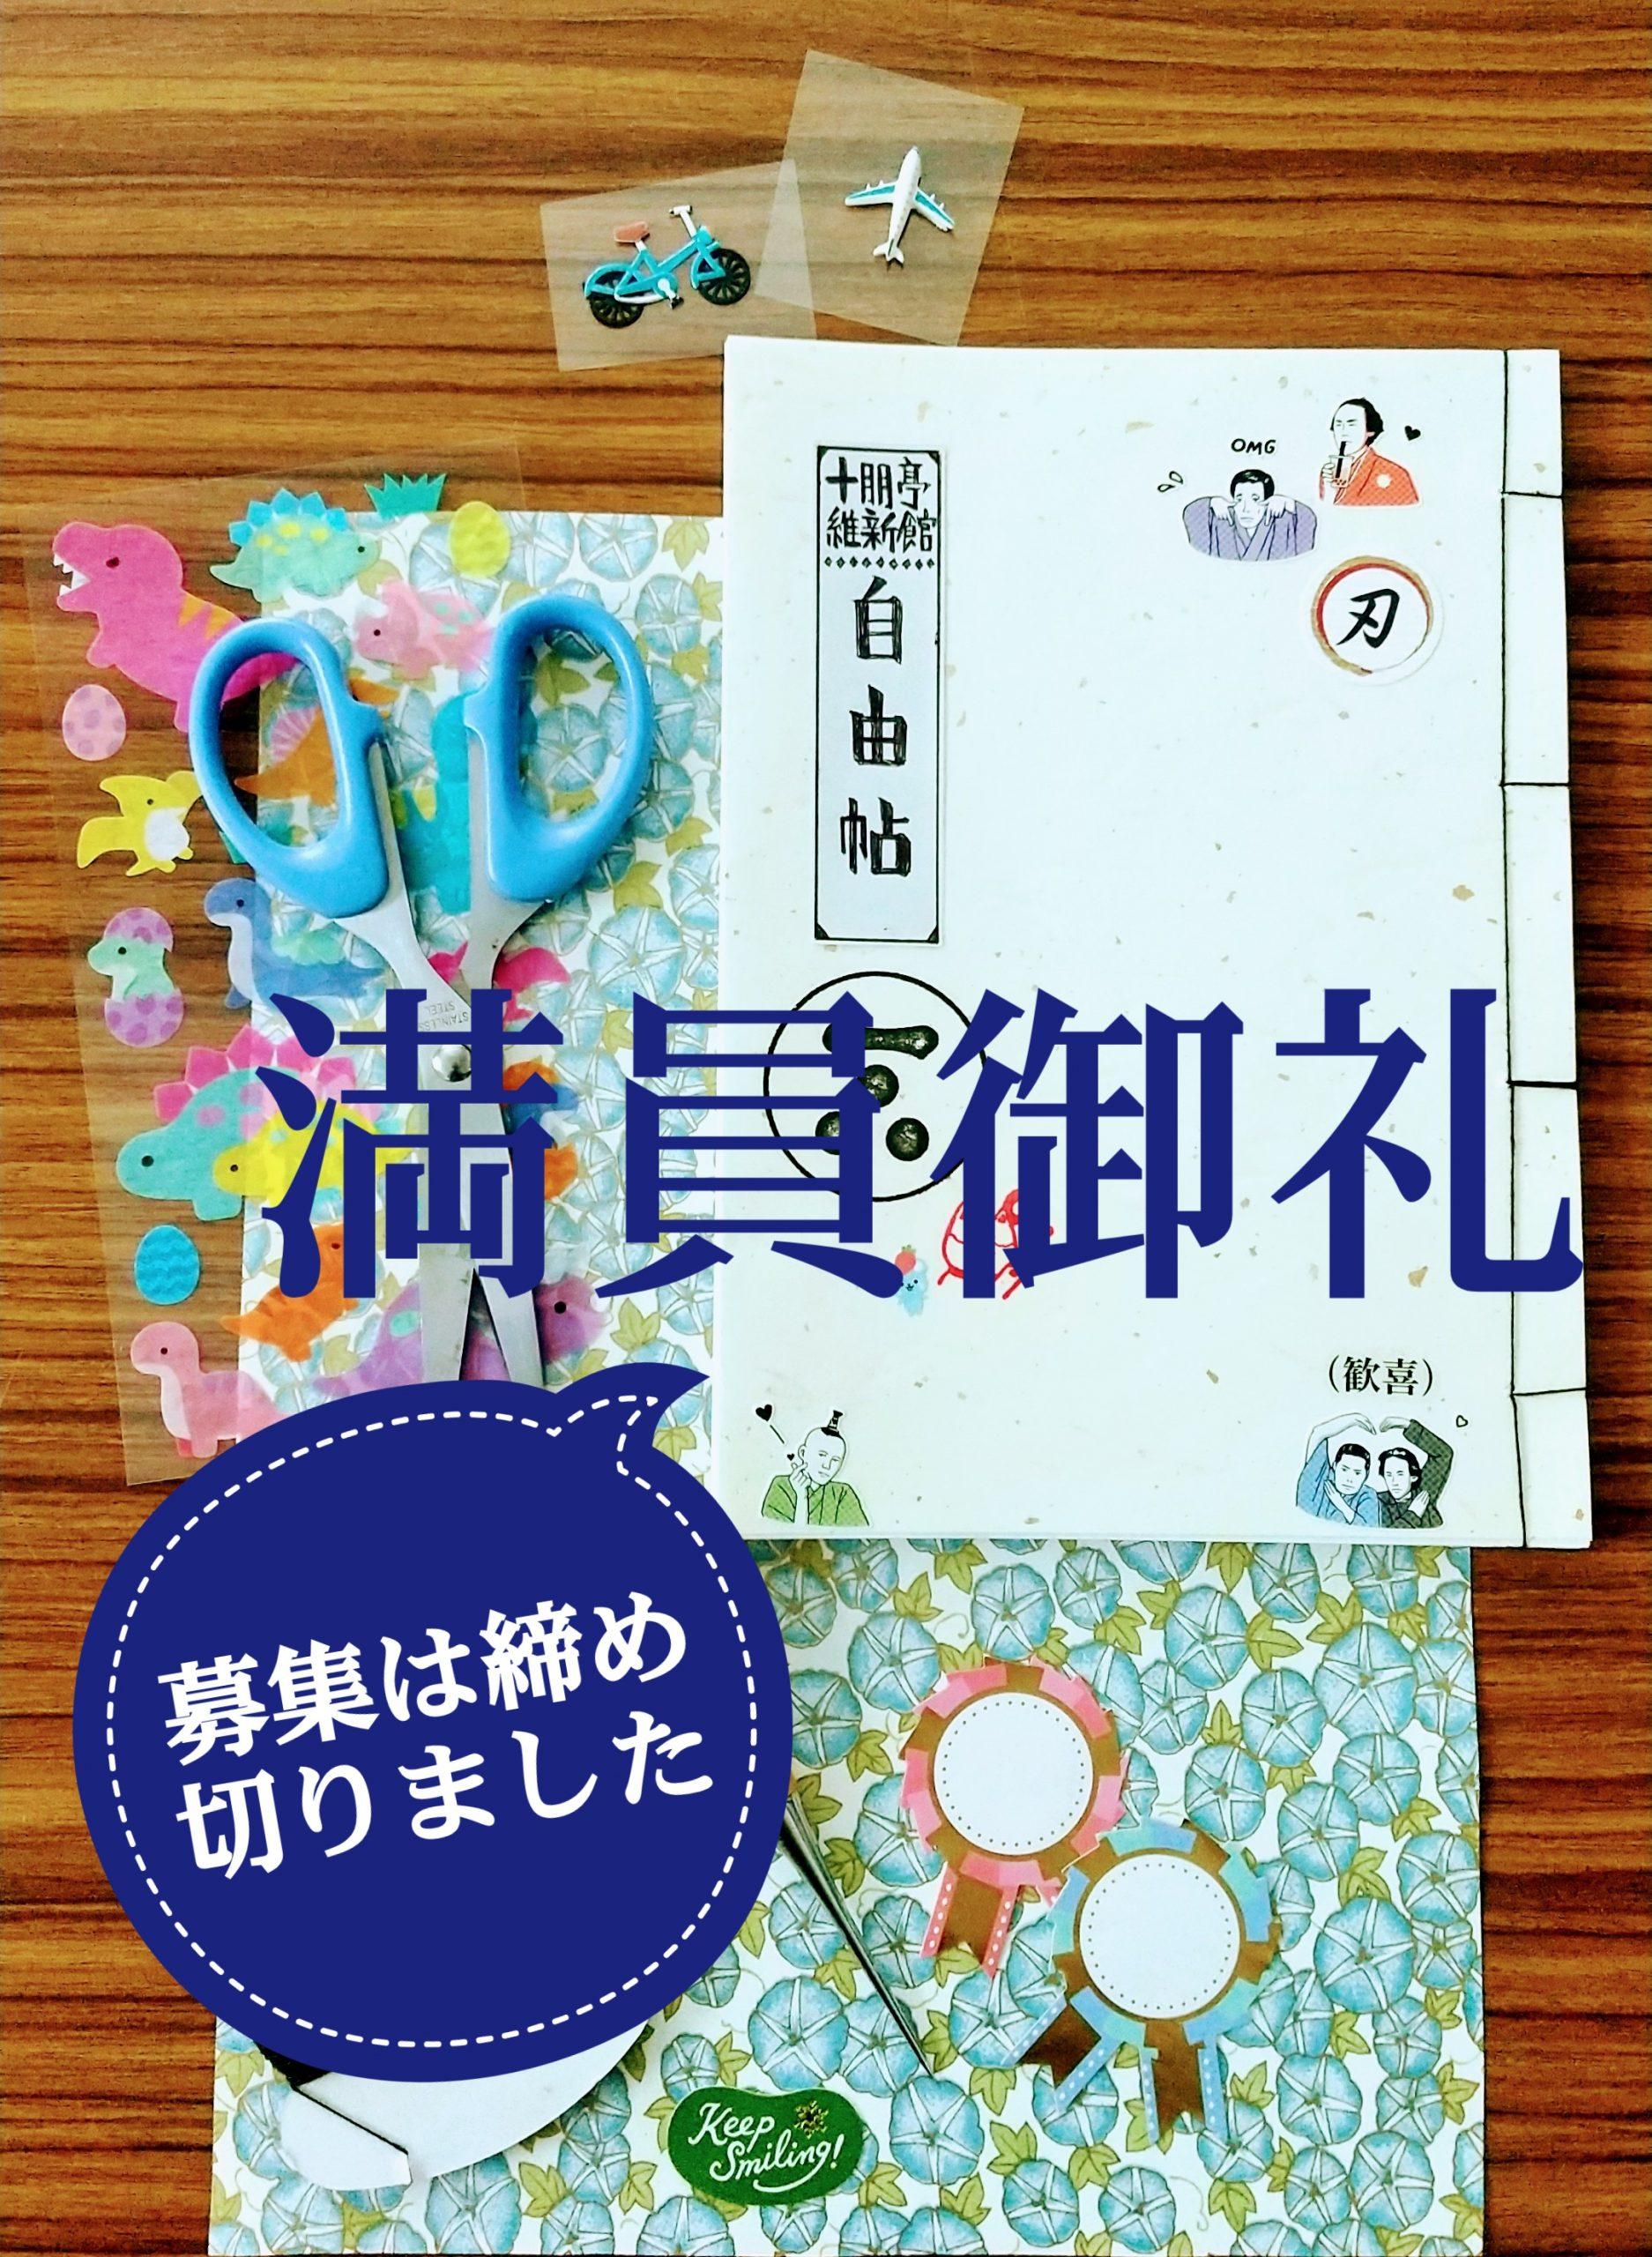 画像:【満員御礼!募集は締め切りました】                    夏休み小学生親子ワークショップ 和とじでじゆうちょうを作ろう!